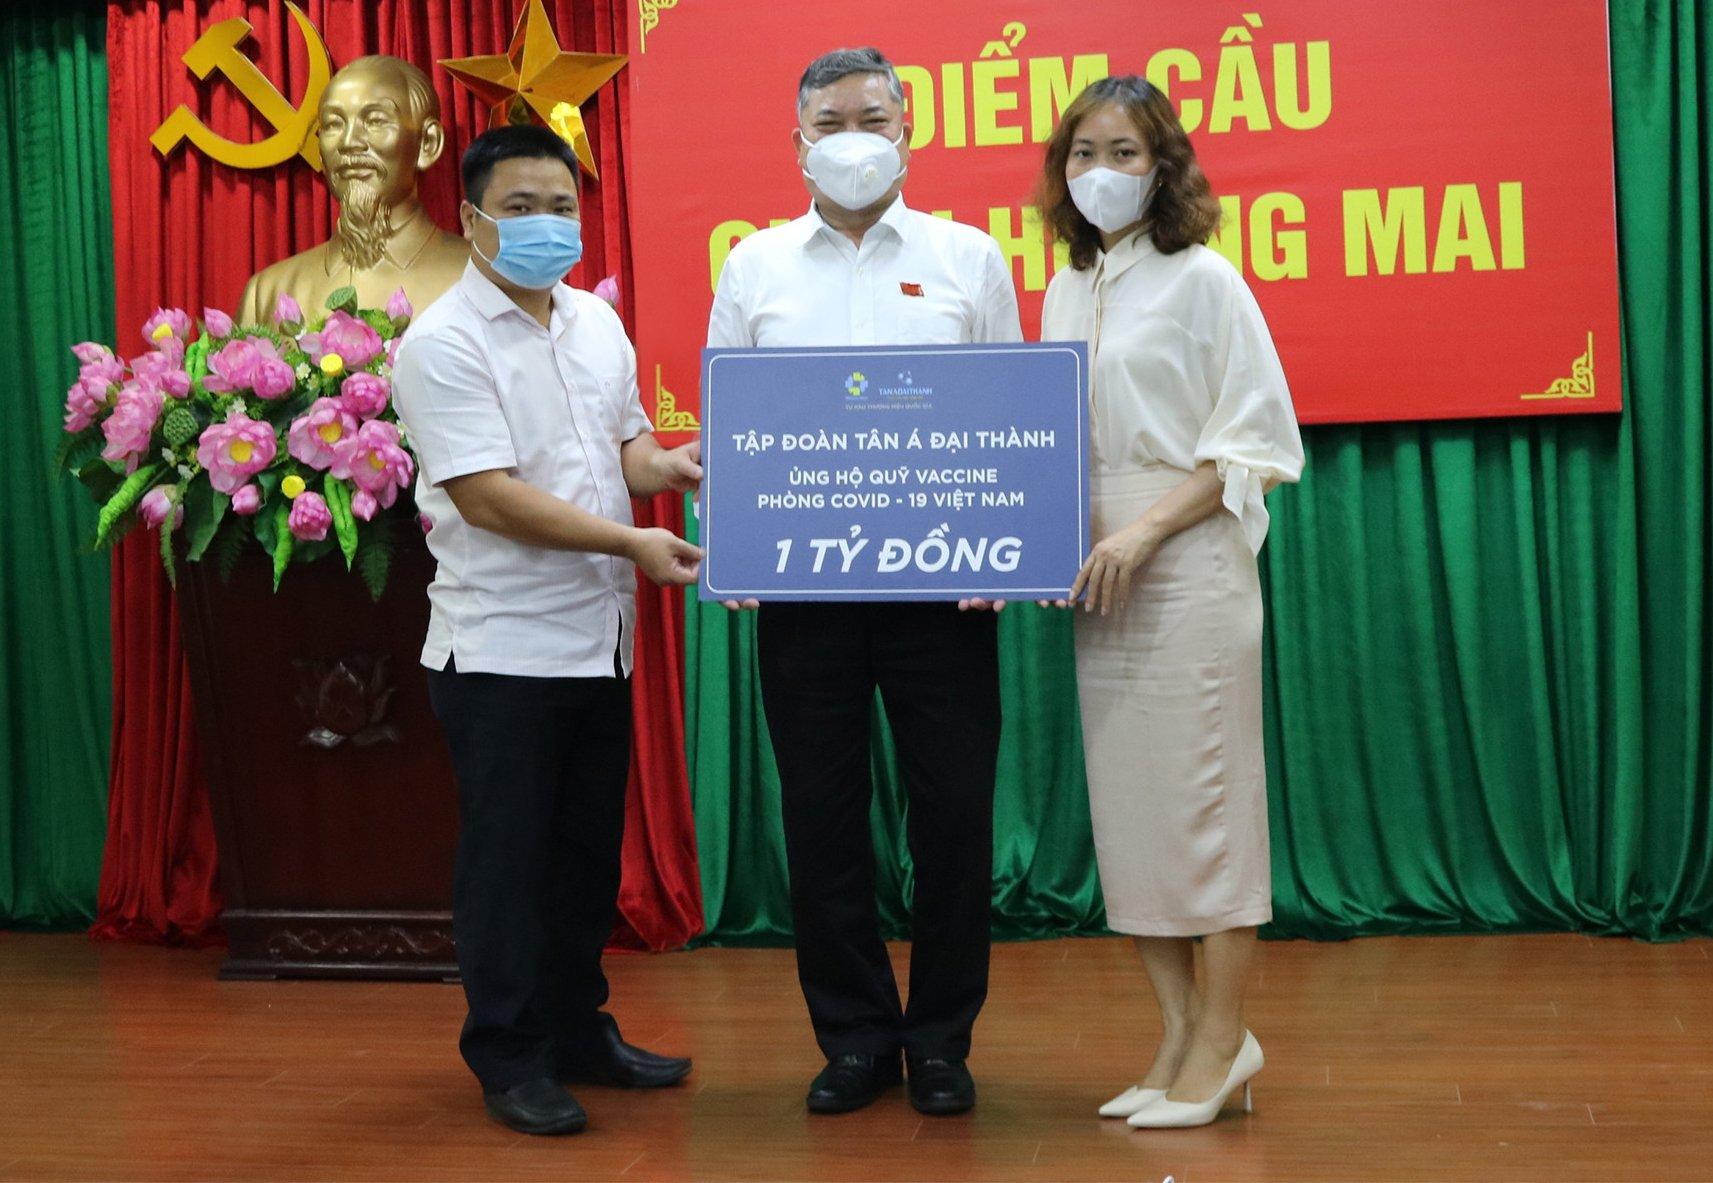 Ban Lãnh đạo và CBNV Tân Á Đại Thành đóng góp 1 tỷ đồng vào quỹ Vắc-xin phòng COVID-19